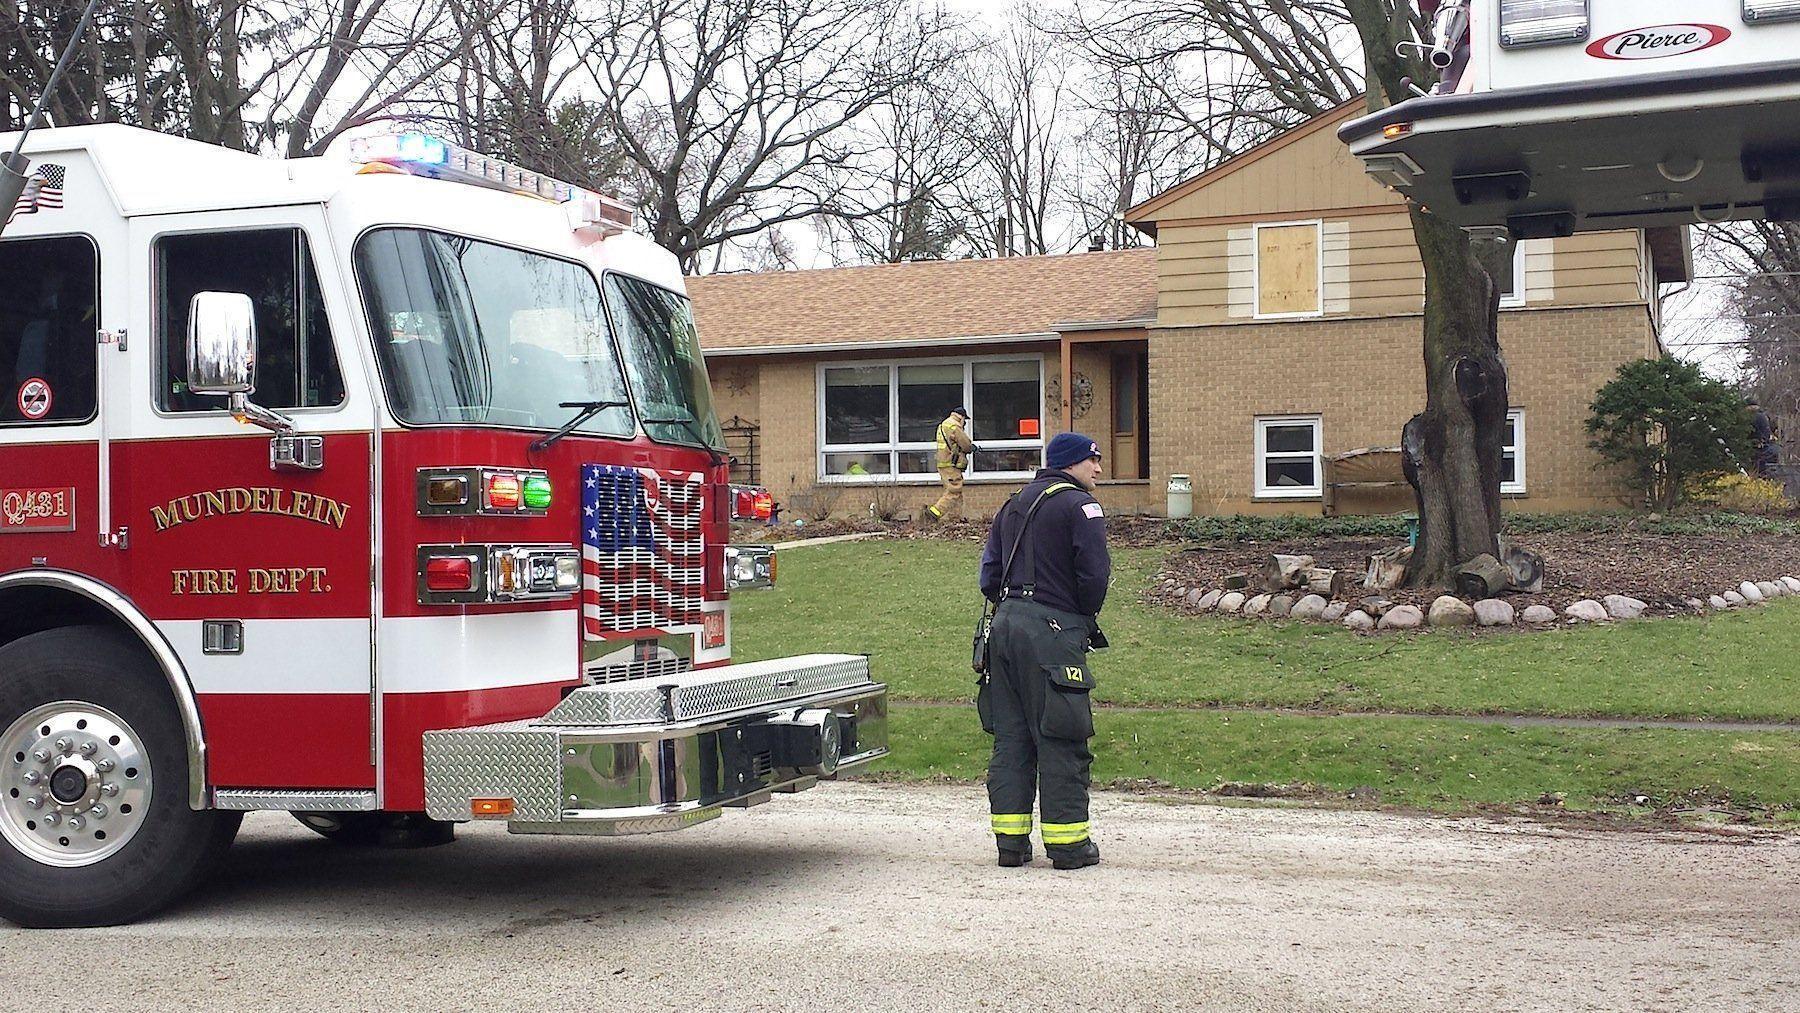 Mundelein firefighters, village officials debate staffing change